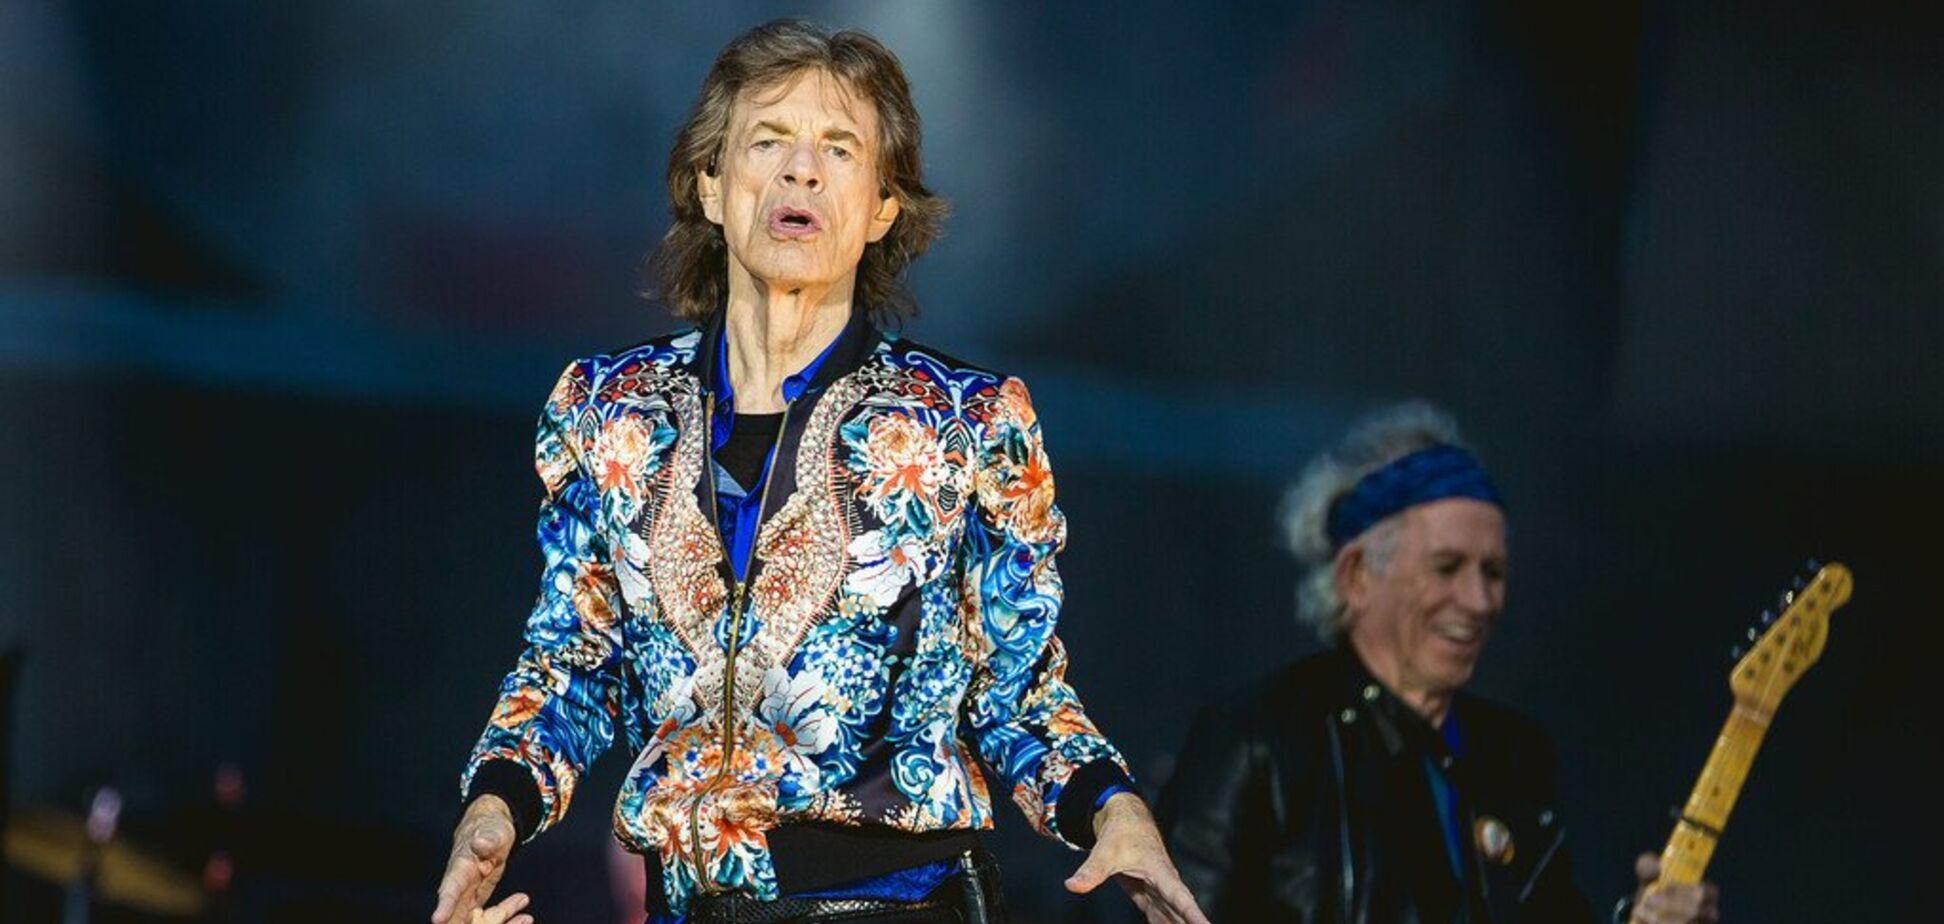 Солиста The Rolling Stones Мика Джаггера прооперируют: подробности